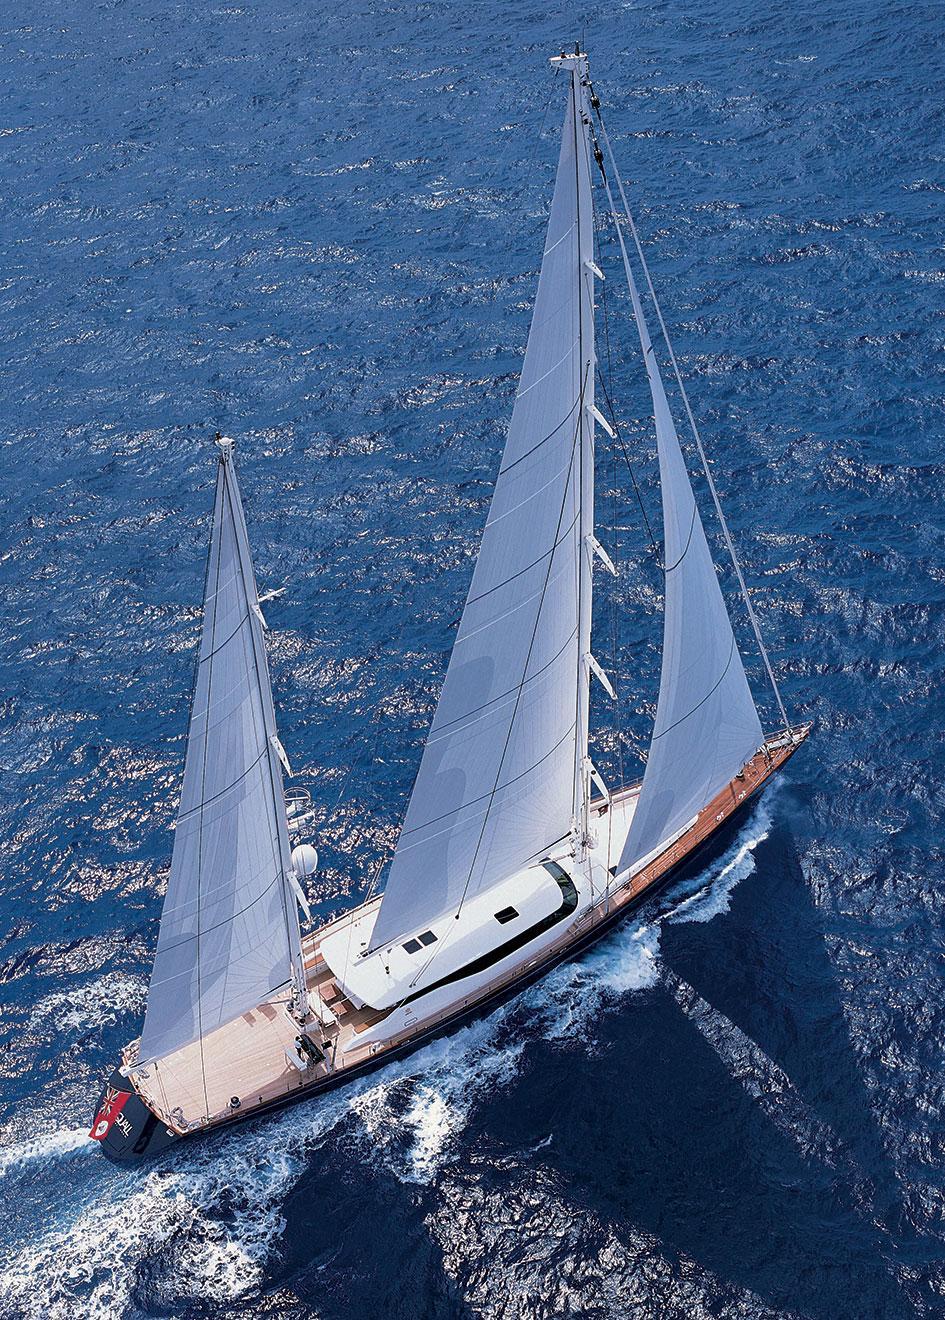 squall-sailing-boat